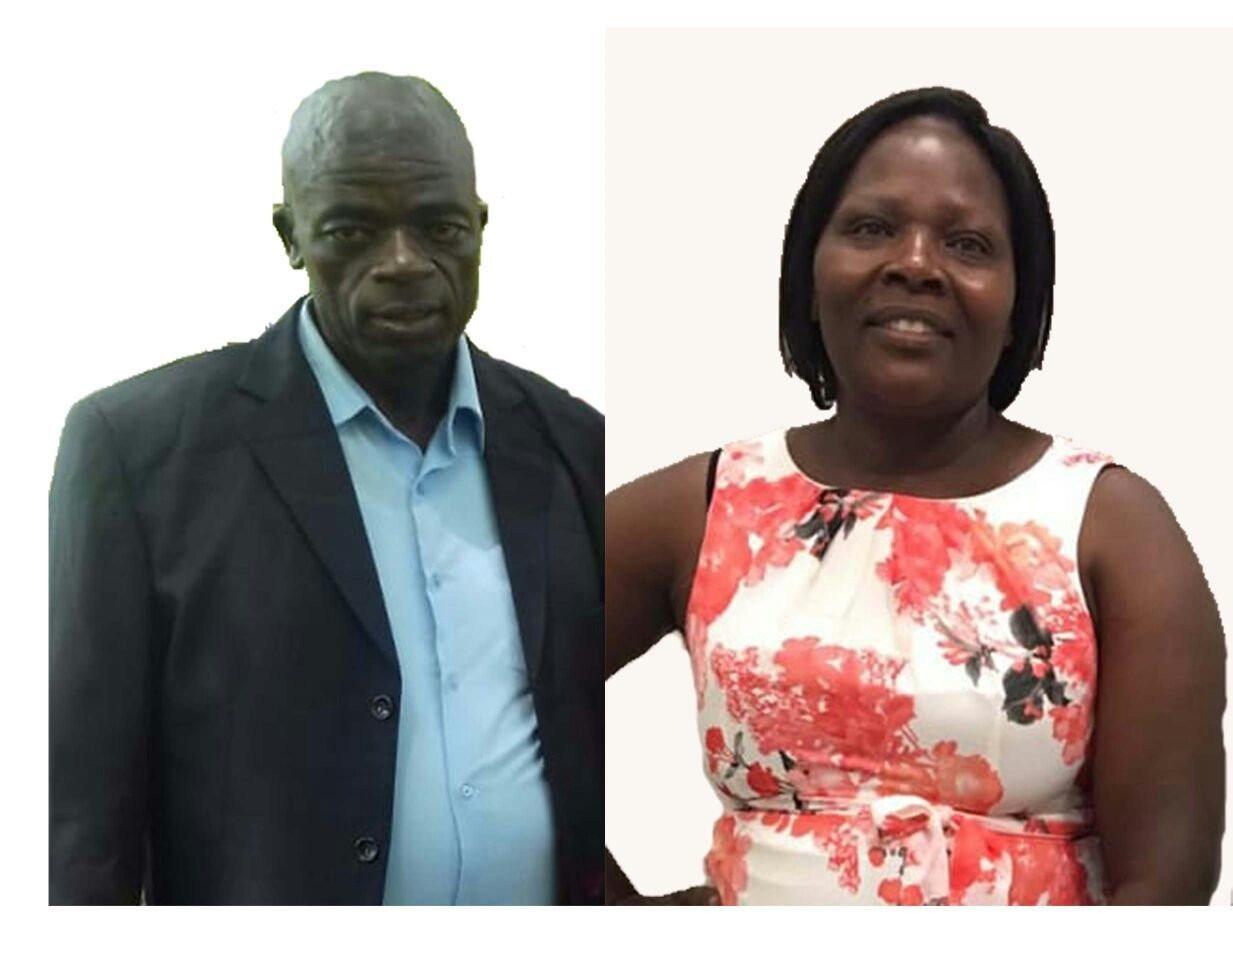 Mr. David Mauti & Mrs. Joyce Gesare Mauti